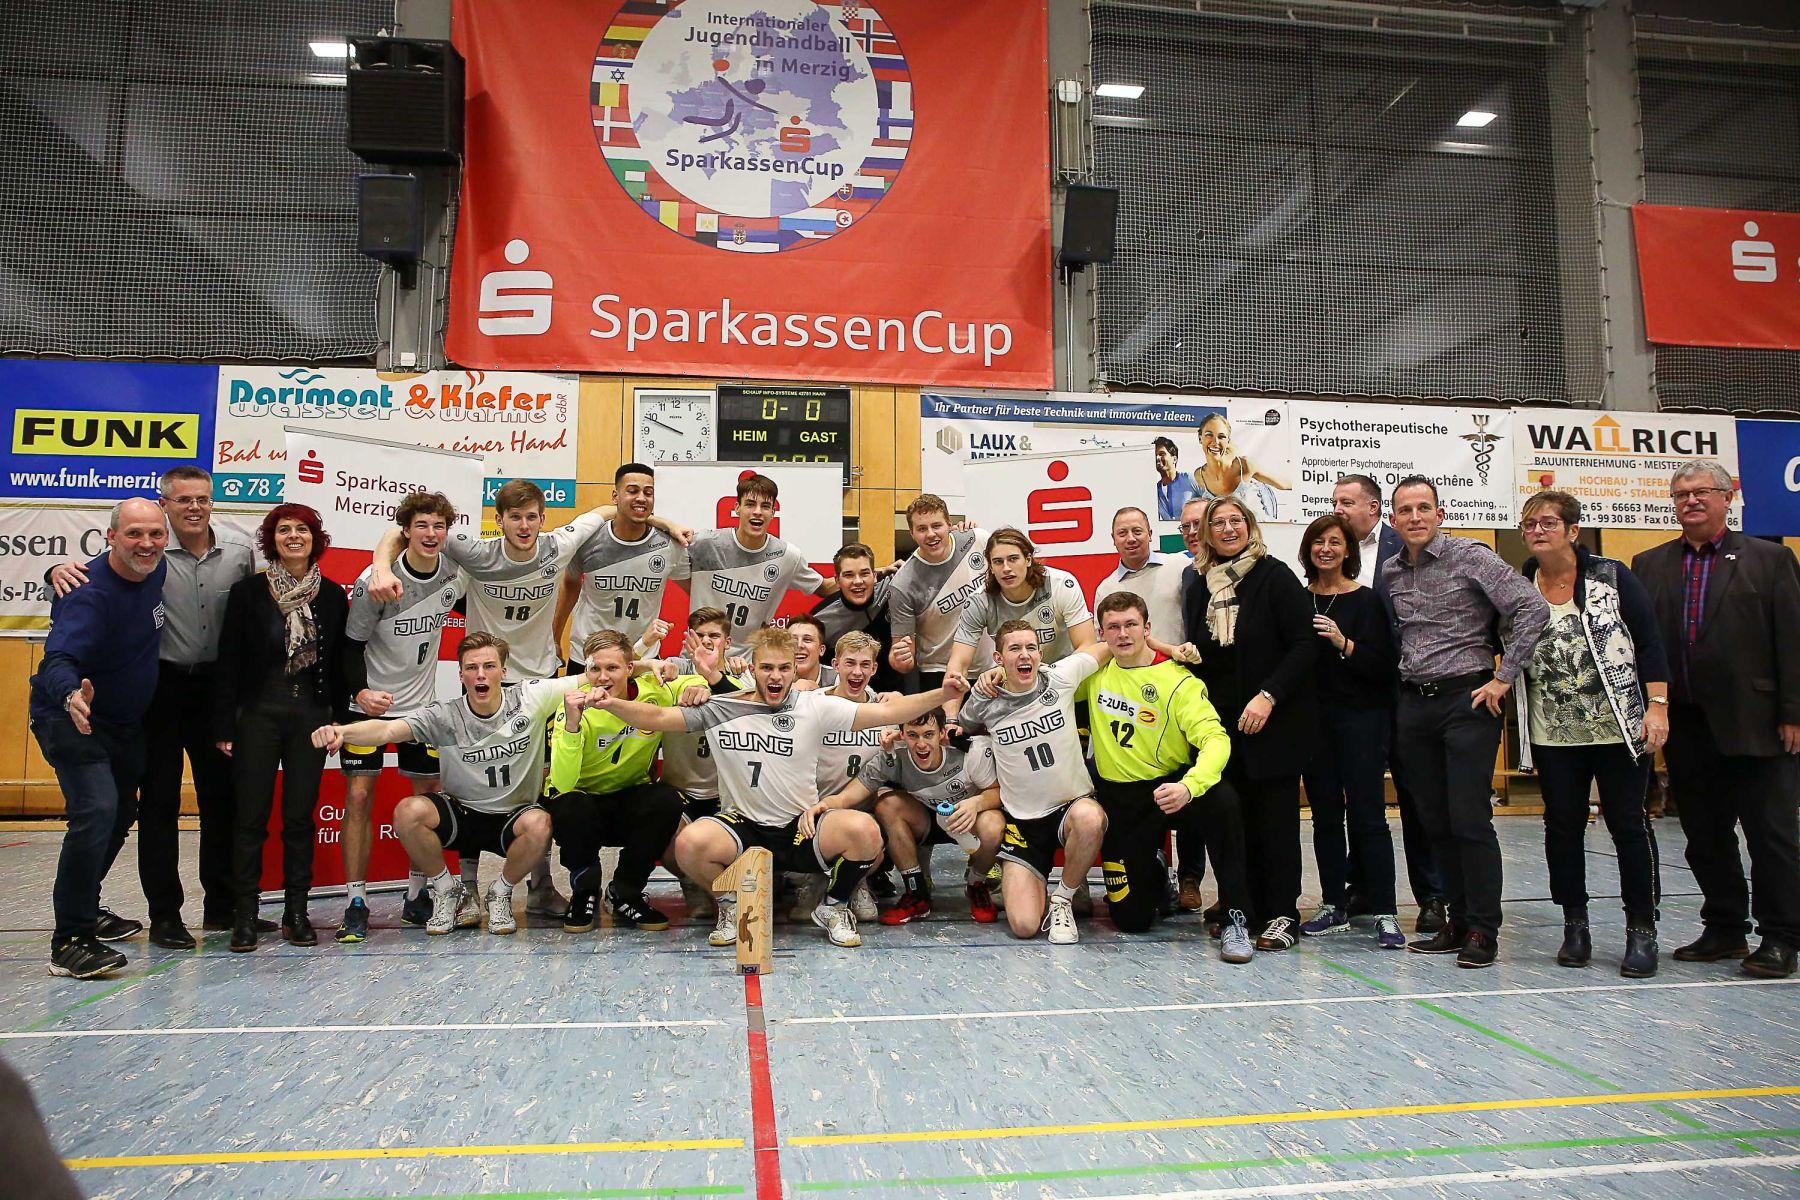 Siegerbild der deutschen Nationalmannschaft beim 32. Sparkassen-Cup in Merzig